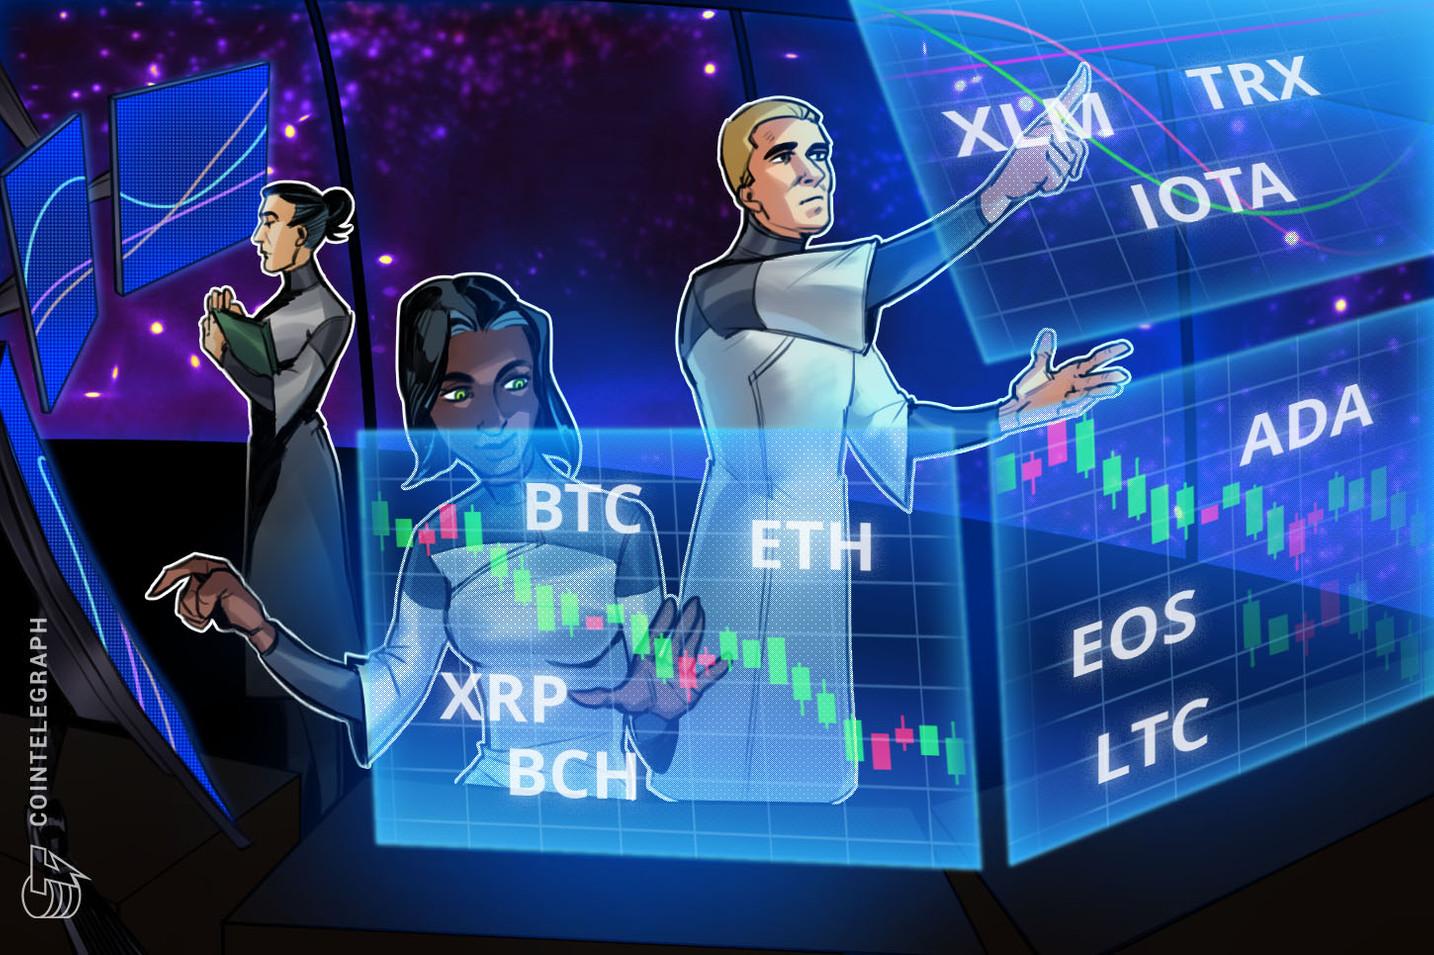 7月30日:ビットコイン・イーサ・リップルなど仮想通貨上位5種の価格テクニカル分析!